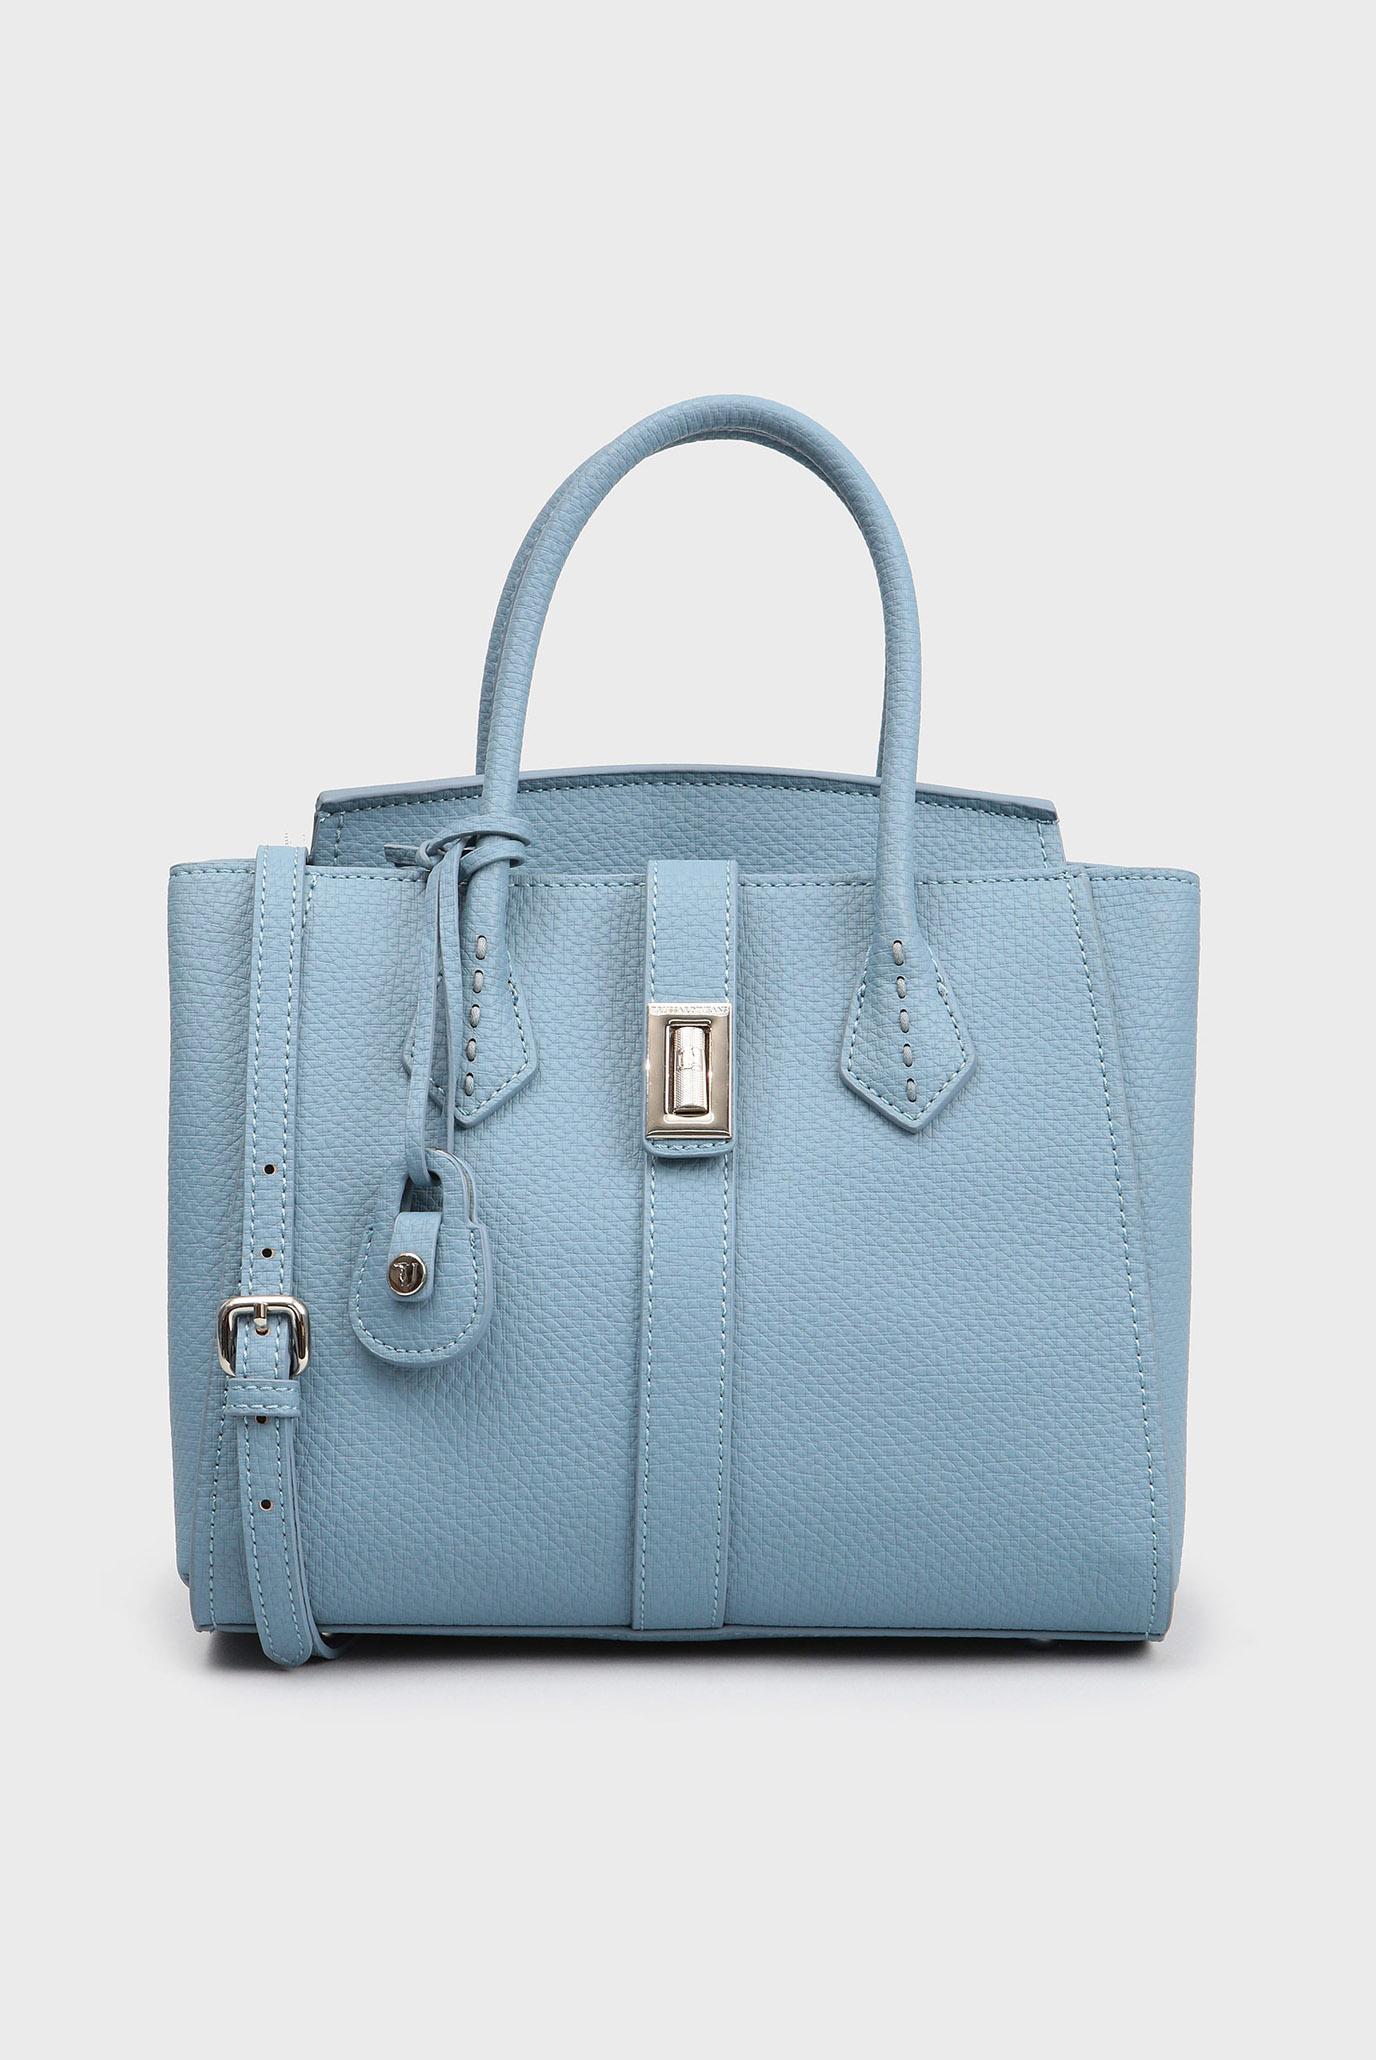 bcf63202b6a5 Купить Женская голубая сумка на плечо Trussardi Jeans Trussardi Jeans  1Y000031/75B00160 – Киев, Украина. Цены в ...